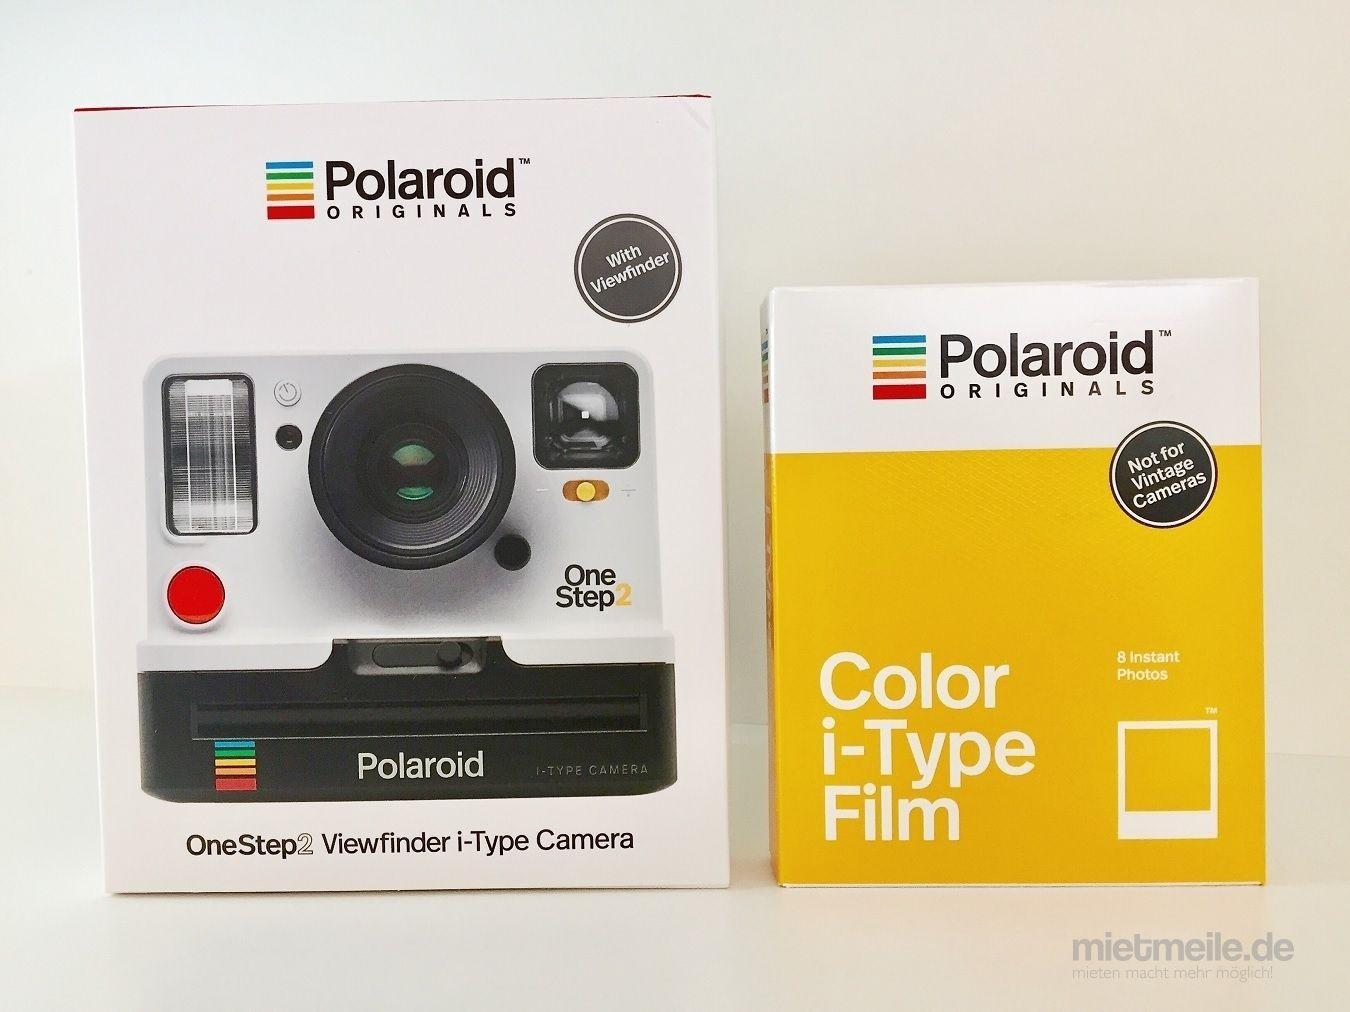 Fotokamera mieten & vermieten - Mieten Sofortbildkamera Polaroid OneStep 2 Mieten in Hamburg Eimsbüttel